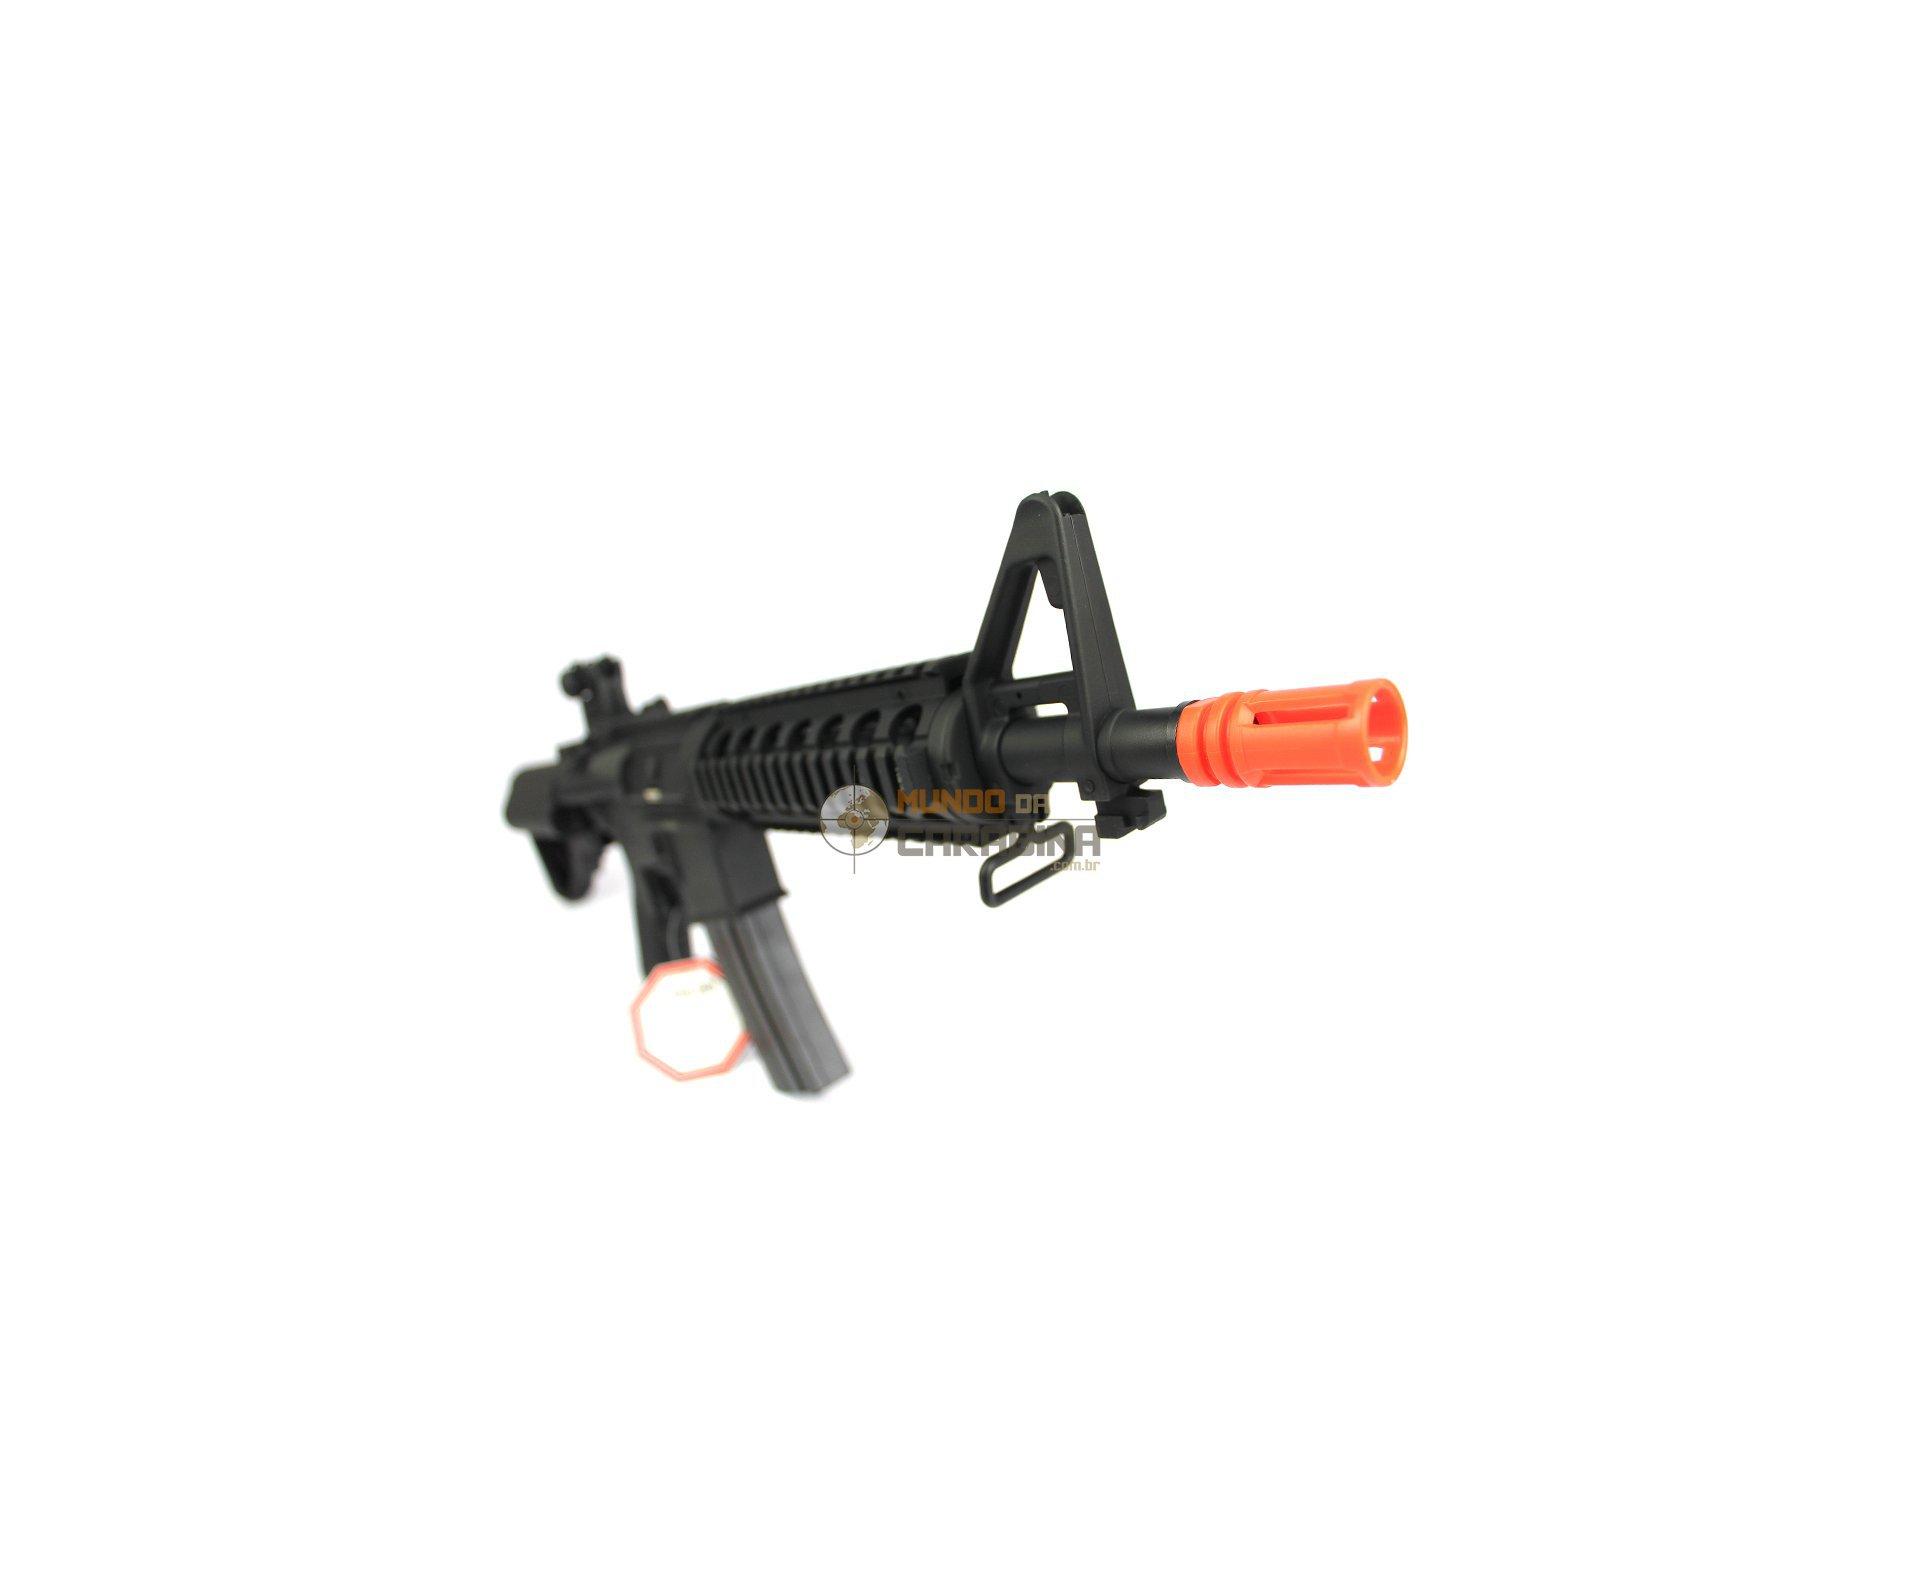 Rifle De Airsoft M4 Ris Cqb Semi/metal Aeg- Cal 6mm - A&k